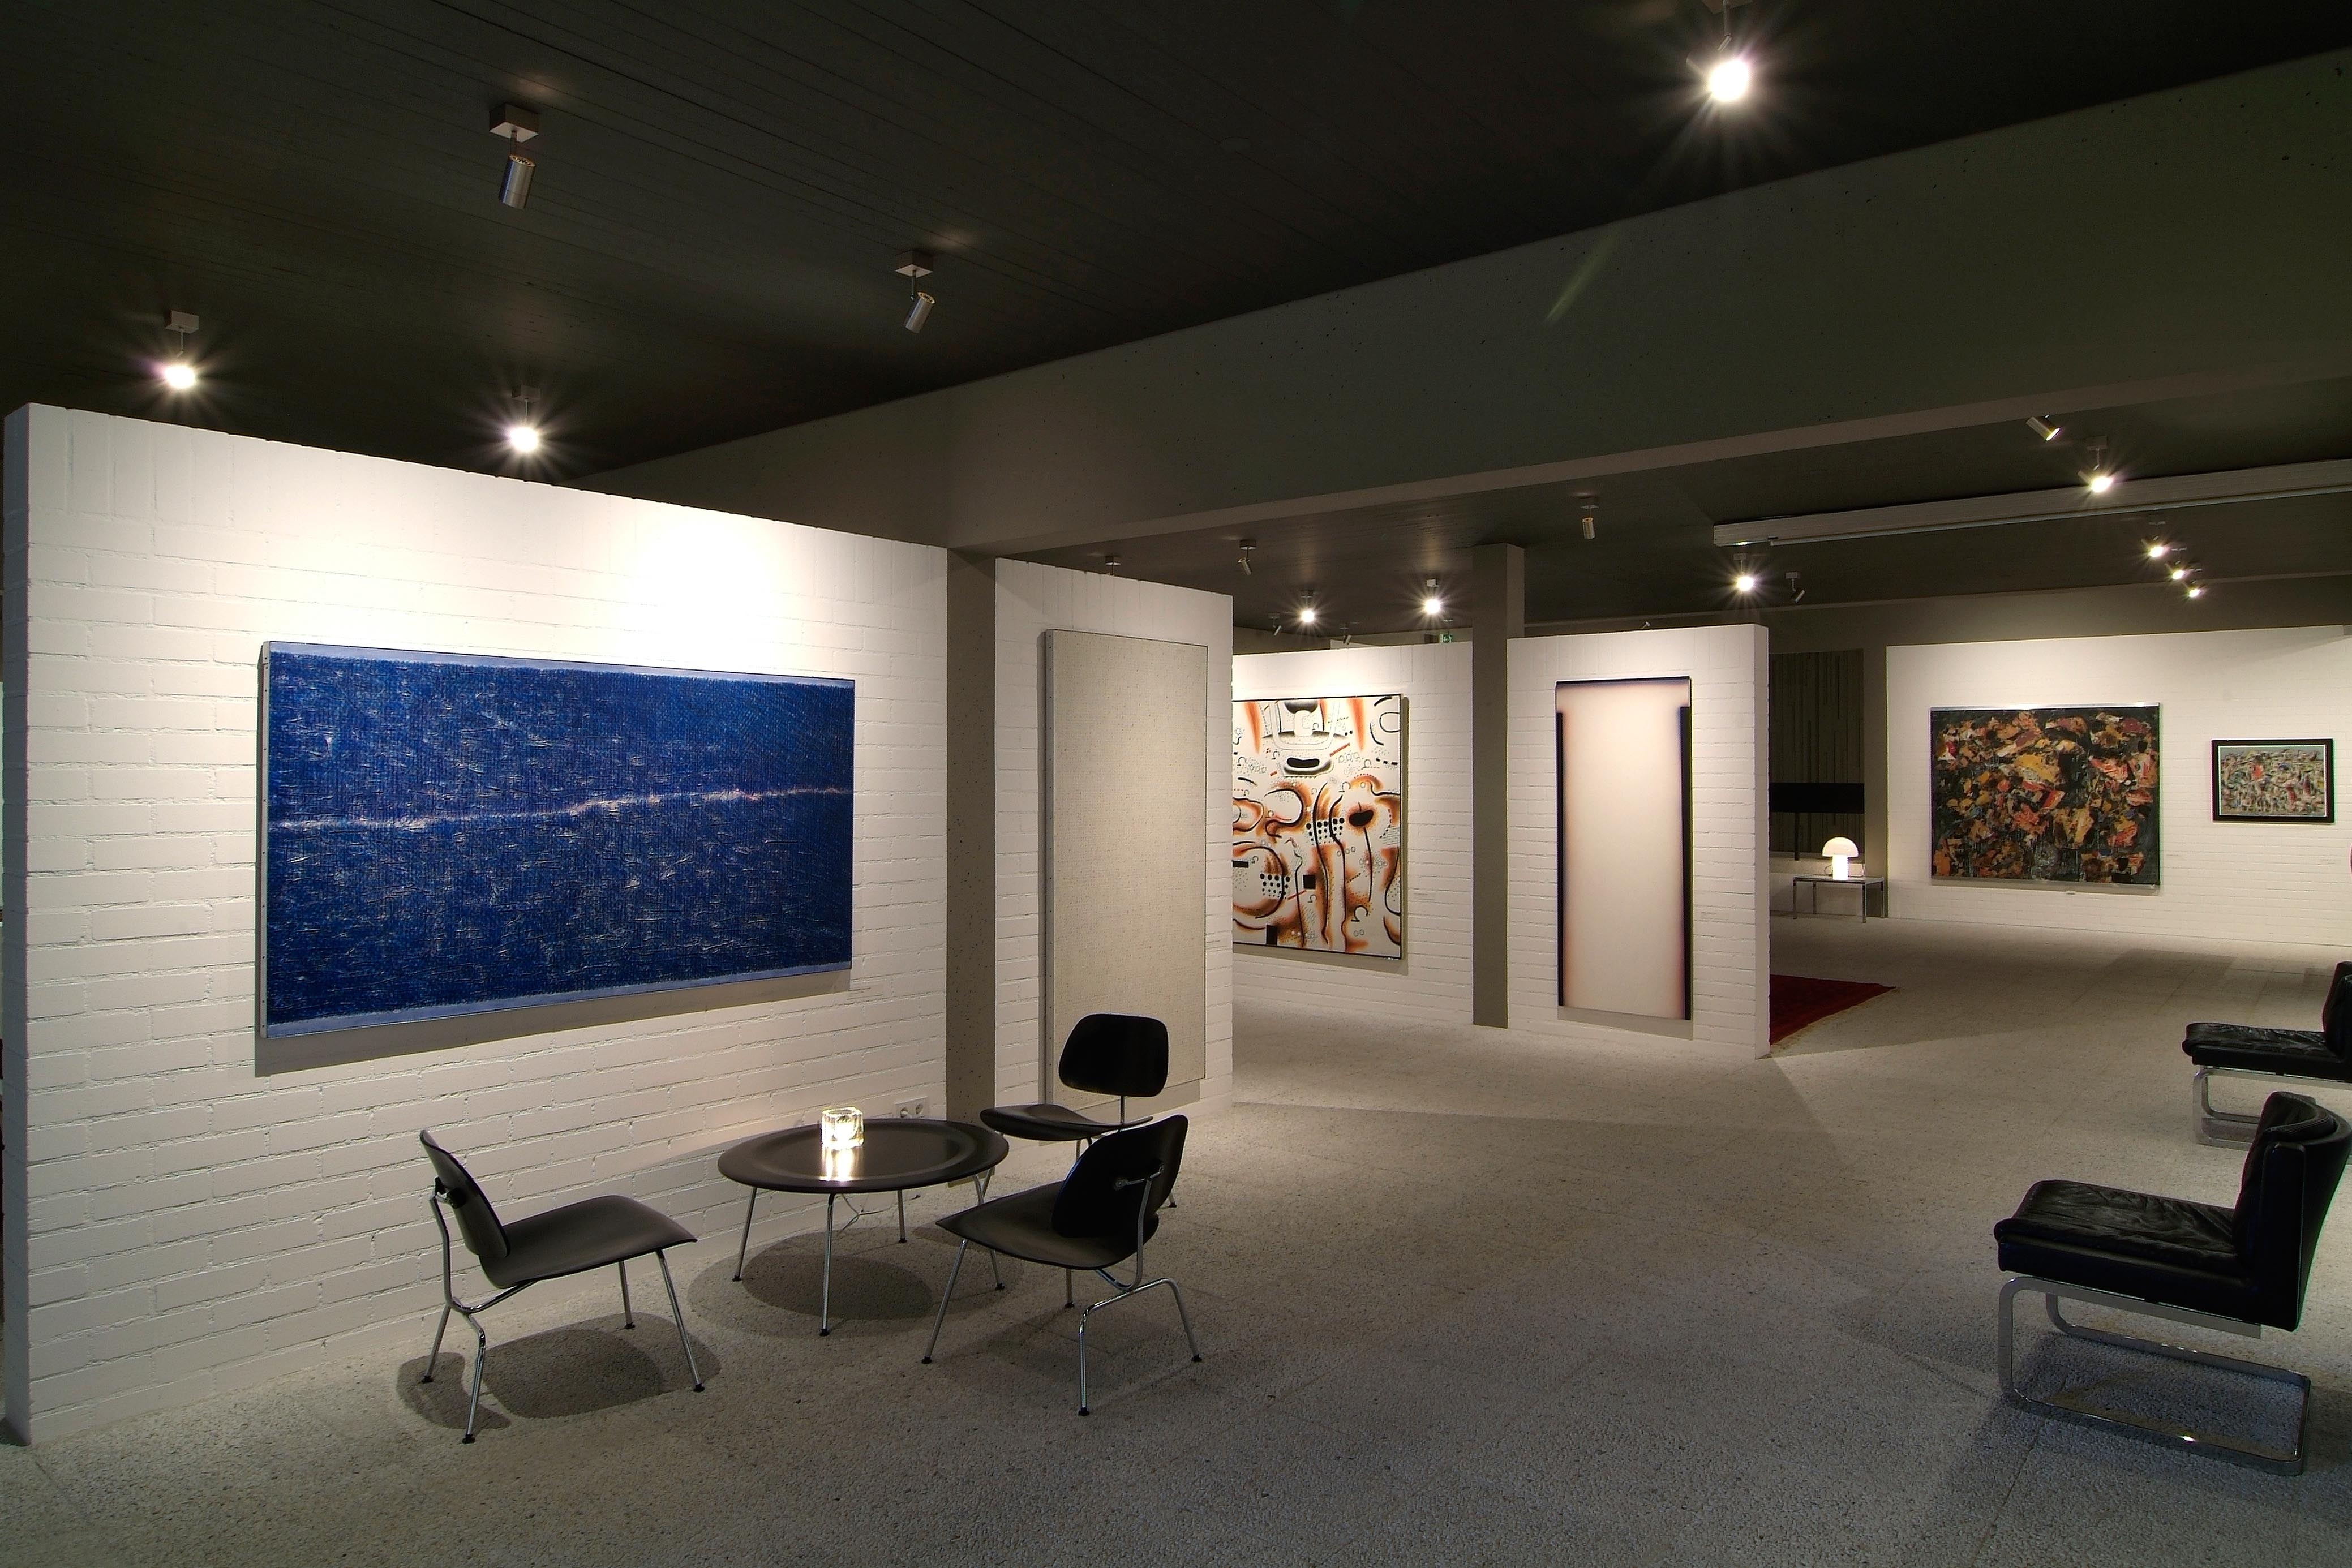 Sammlung Domnick, Stühle und Tisch im Eamesdesign; Foto: Stiftung Domnick, Volker Naumann